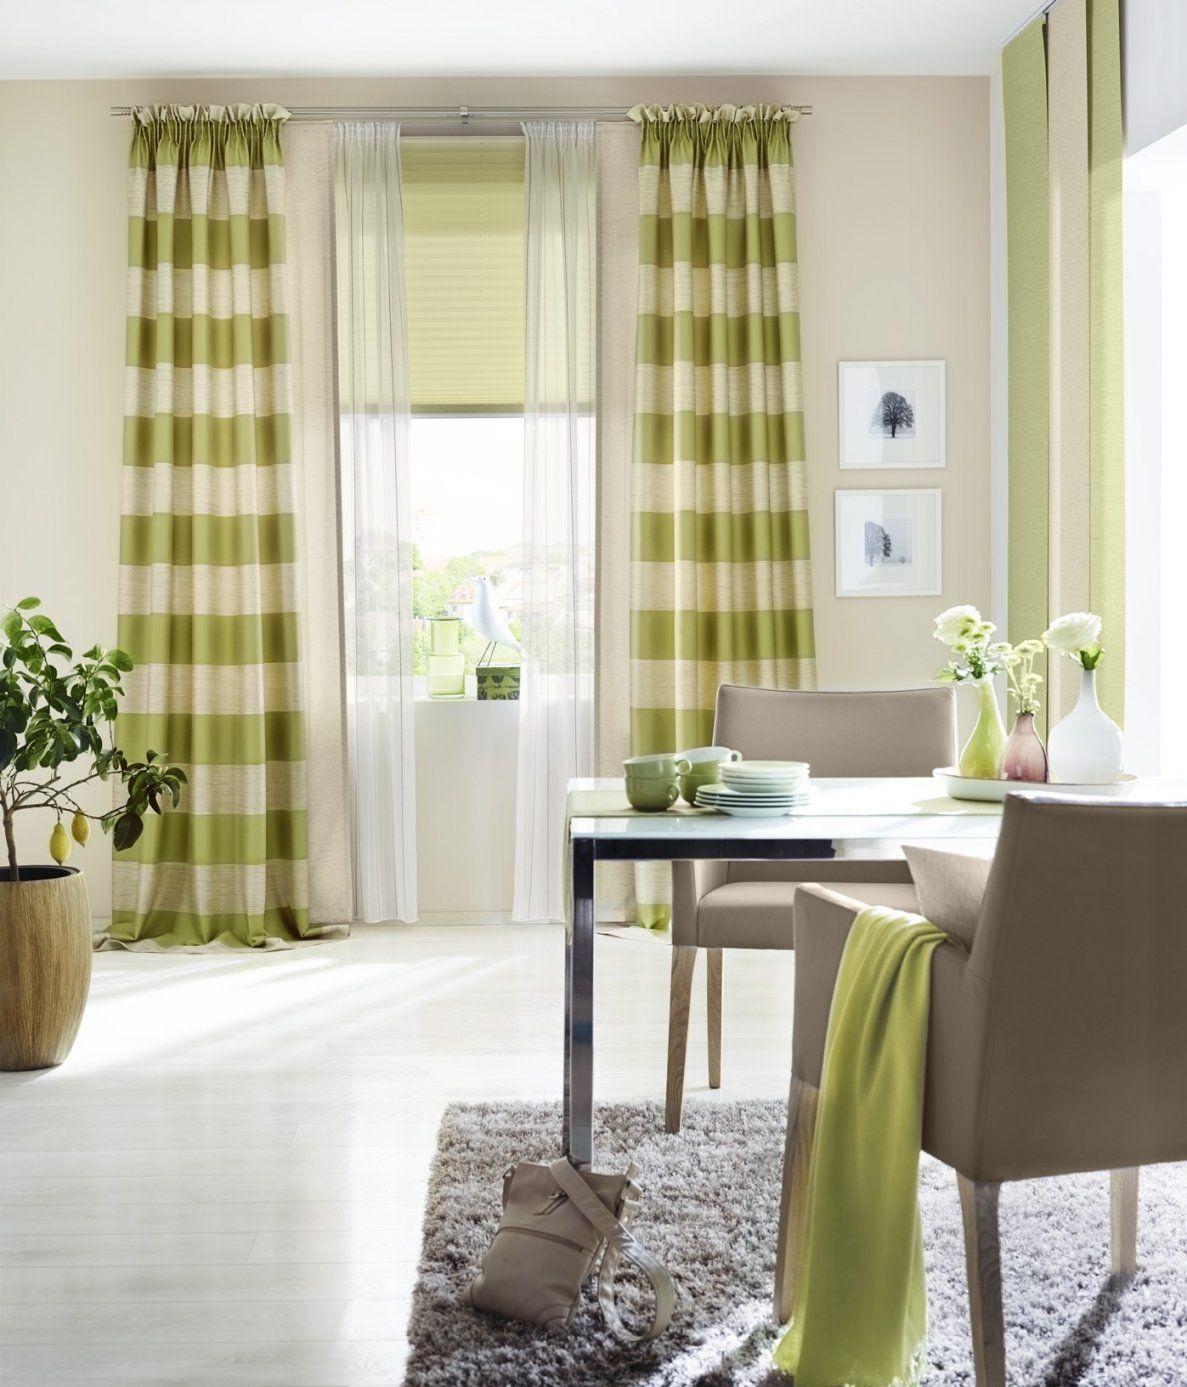 Beautiful Gardinen Fur Wohnzimmer Grose Fenster Fastarticlemarketing von Gardinen Trends Fürs Wohnzimmer Bild